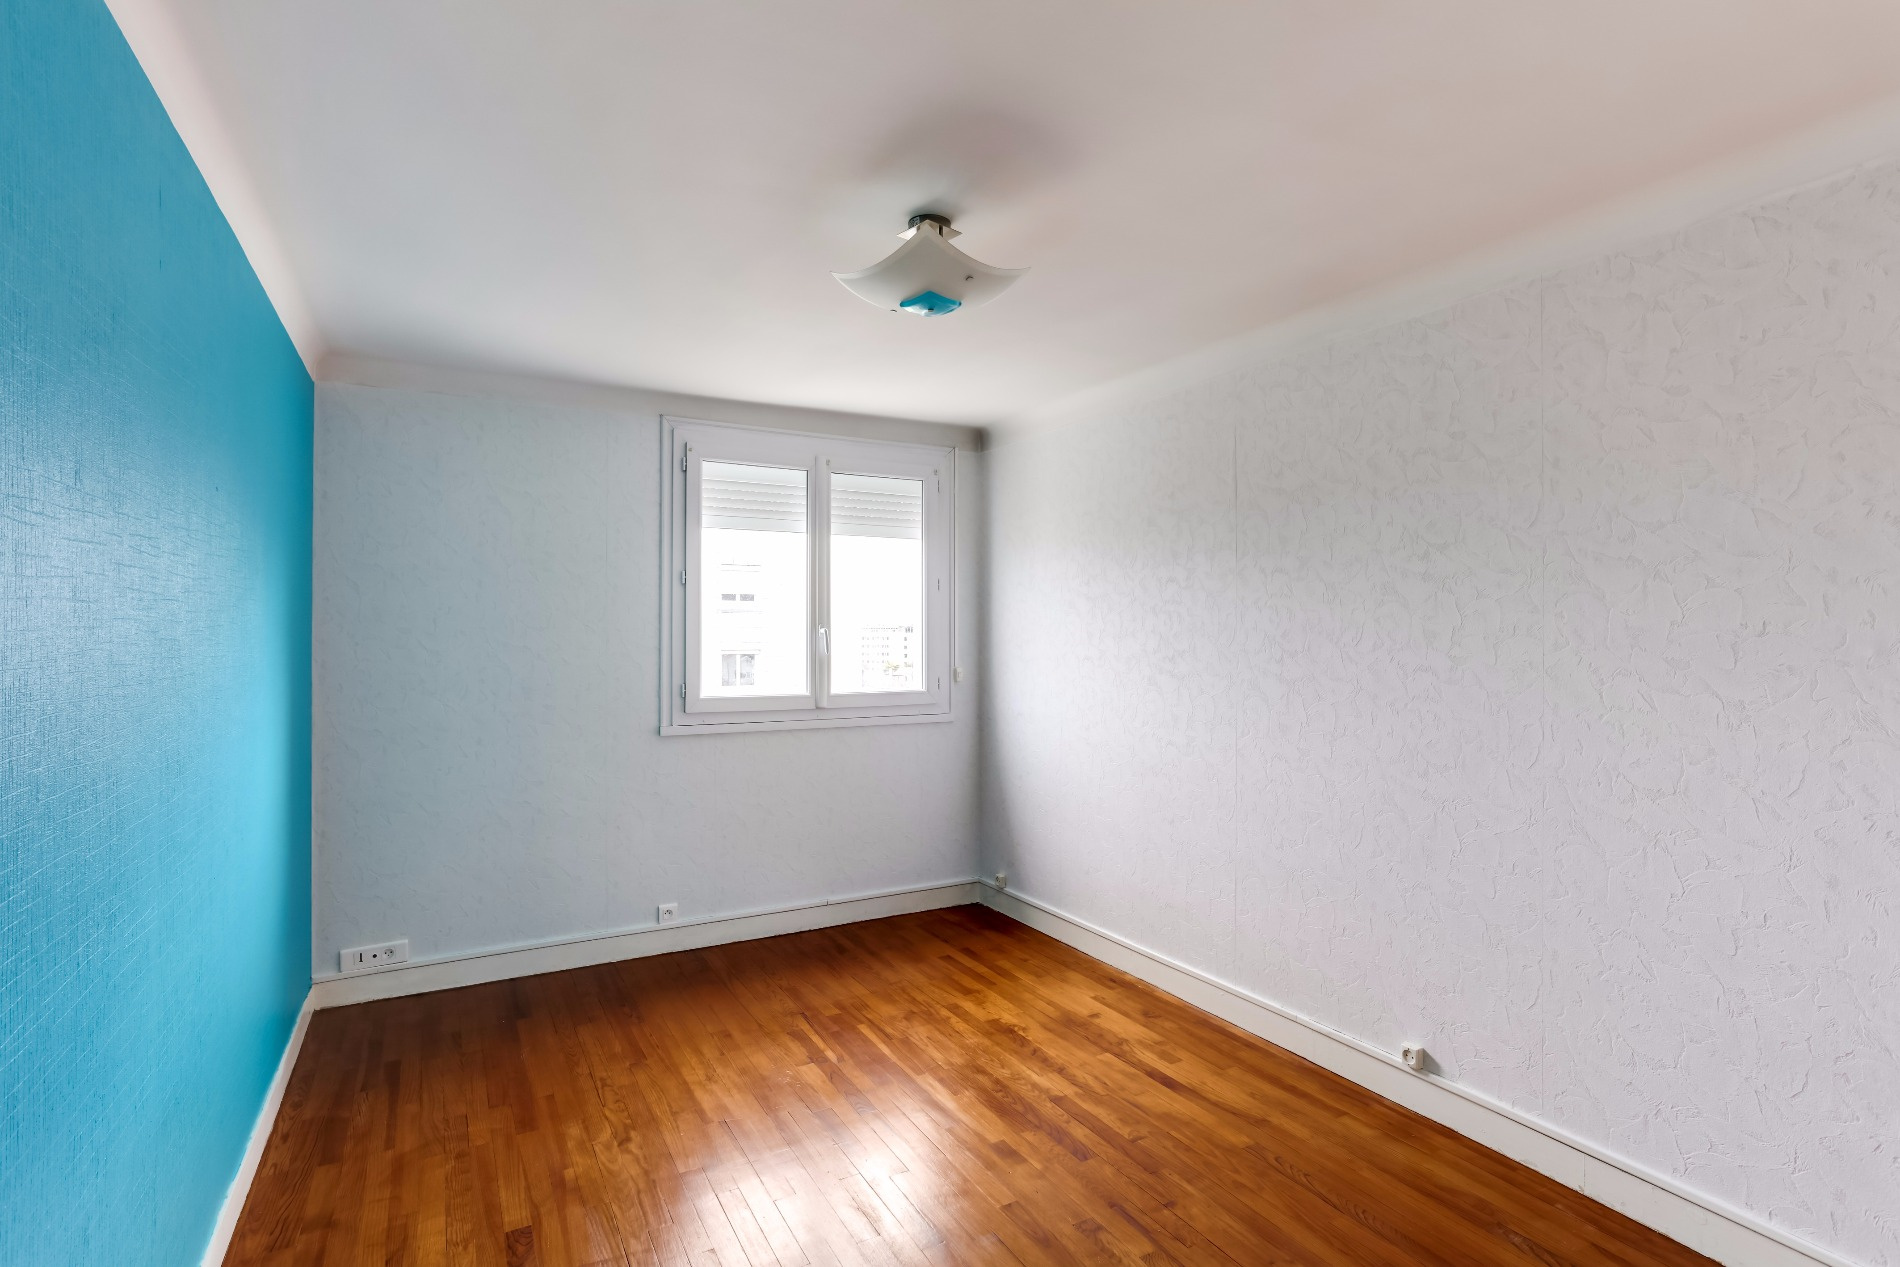 Appartement T2 Palais des Arts Vannes chambre vue 1